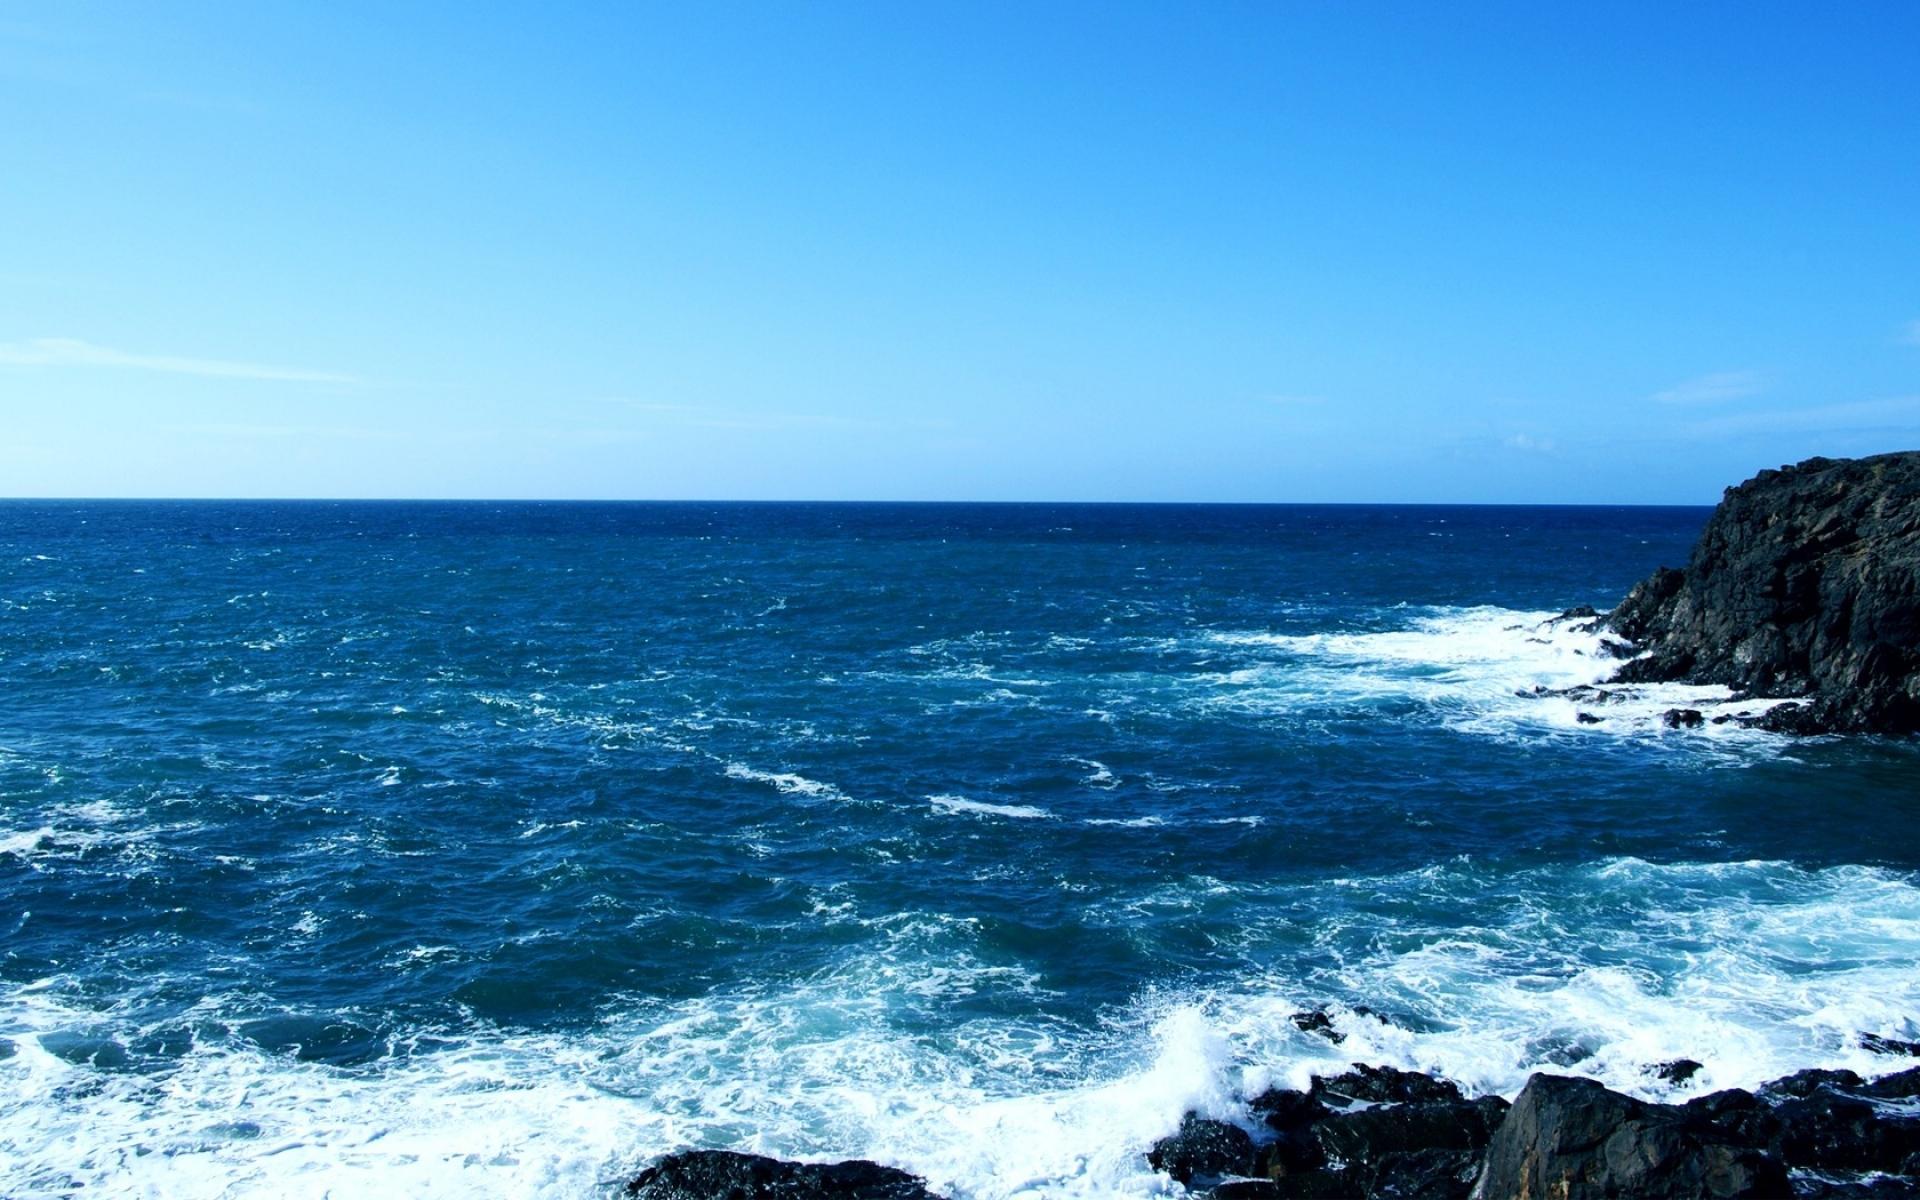 优美蓝色大海海浪风景图片桌面壁纸